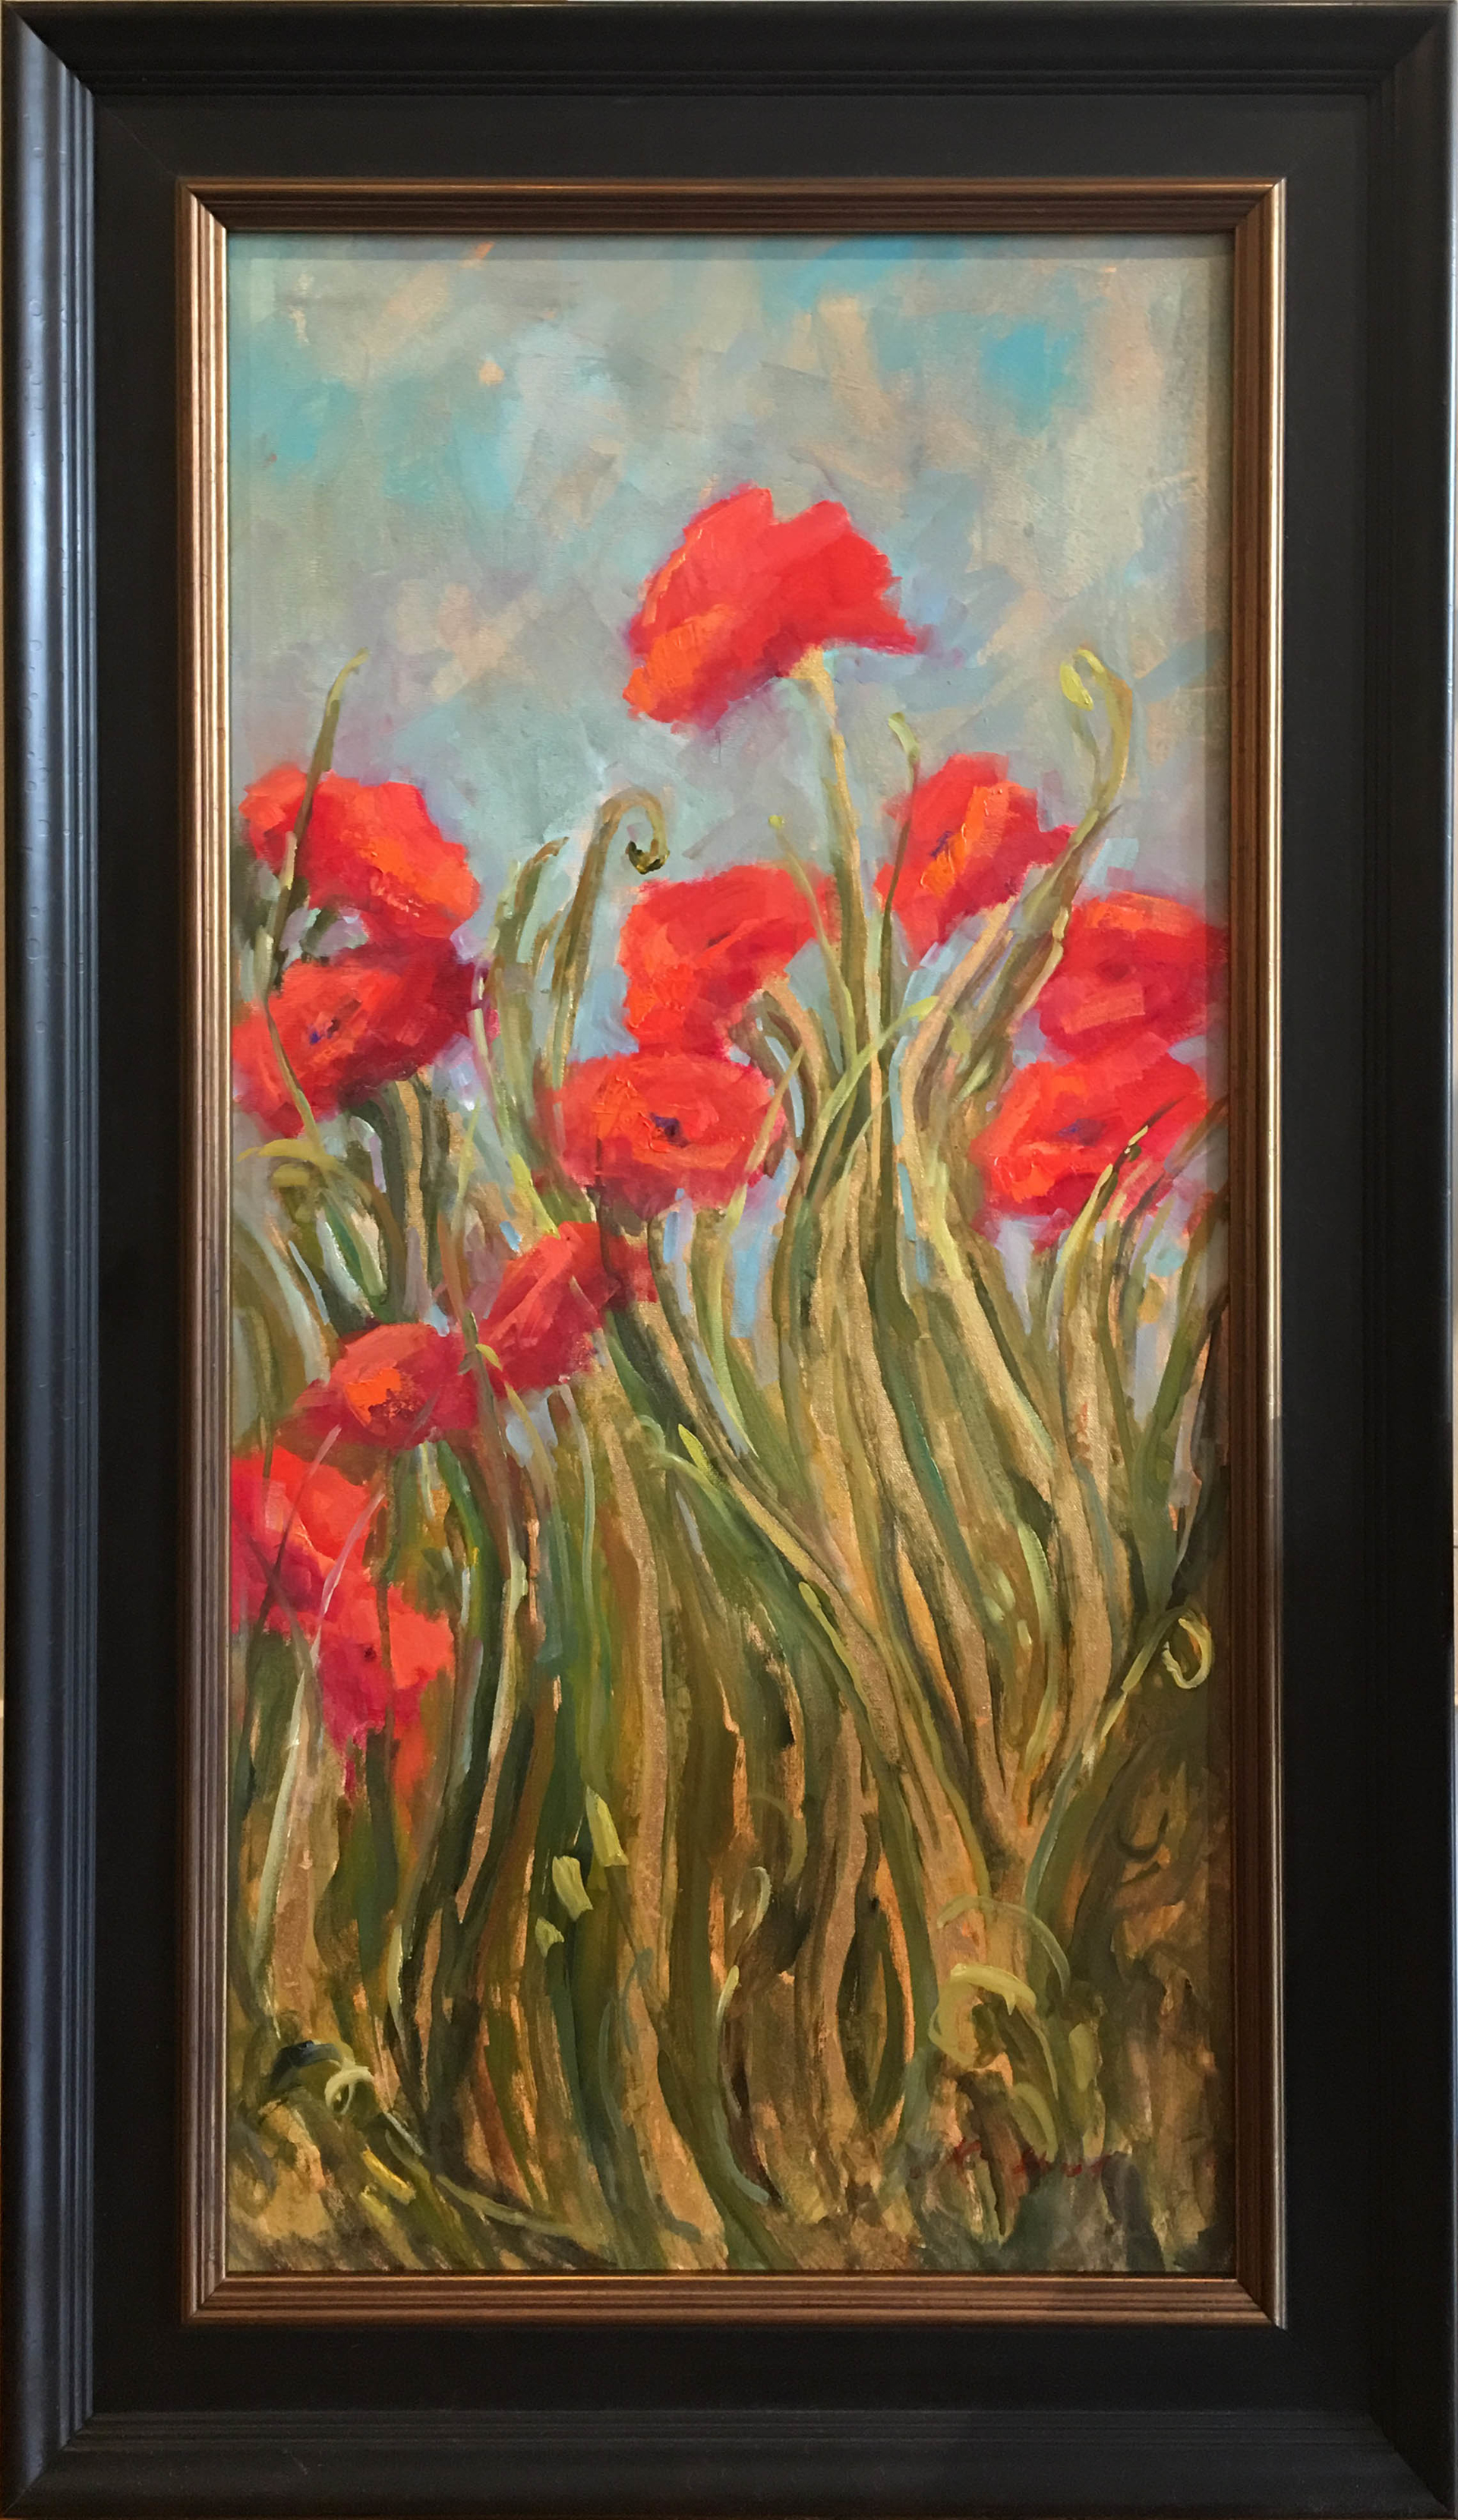 Wild Poppies in Breeze by Karen Hewitt Hagan